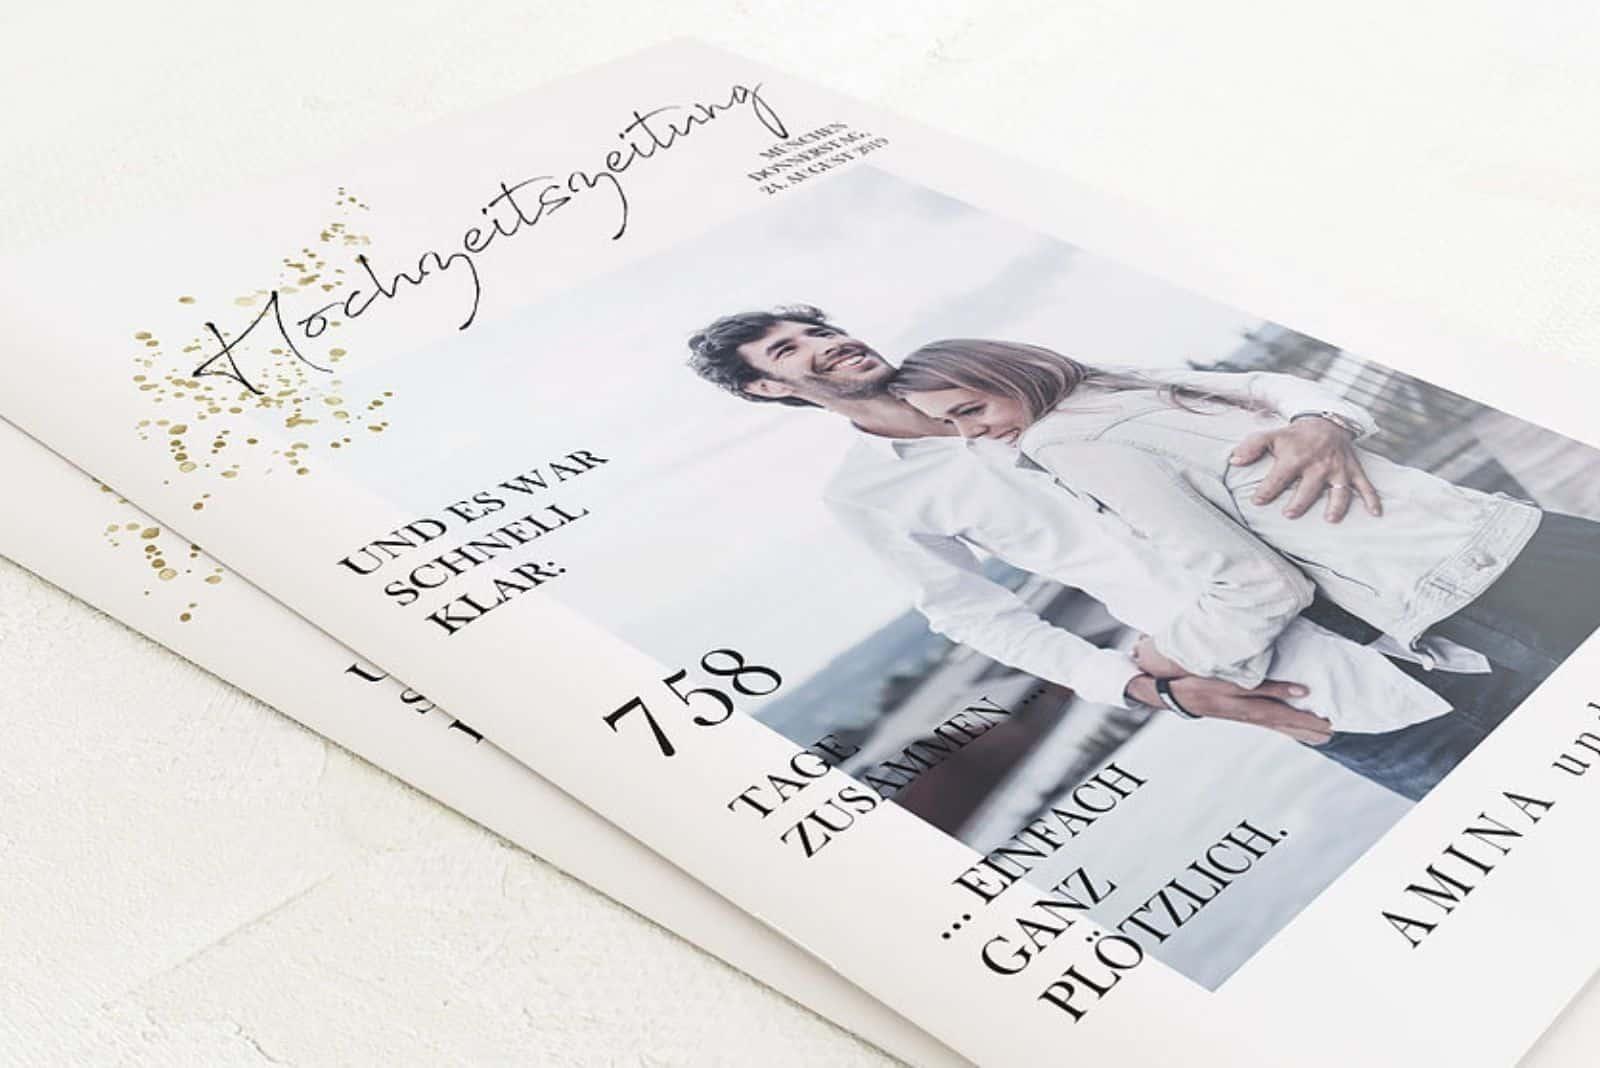 hochzeitszeitung design ideen